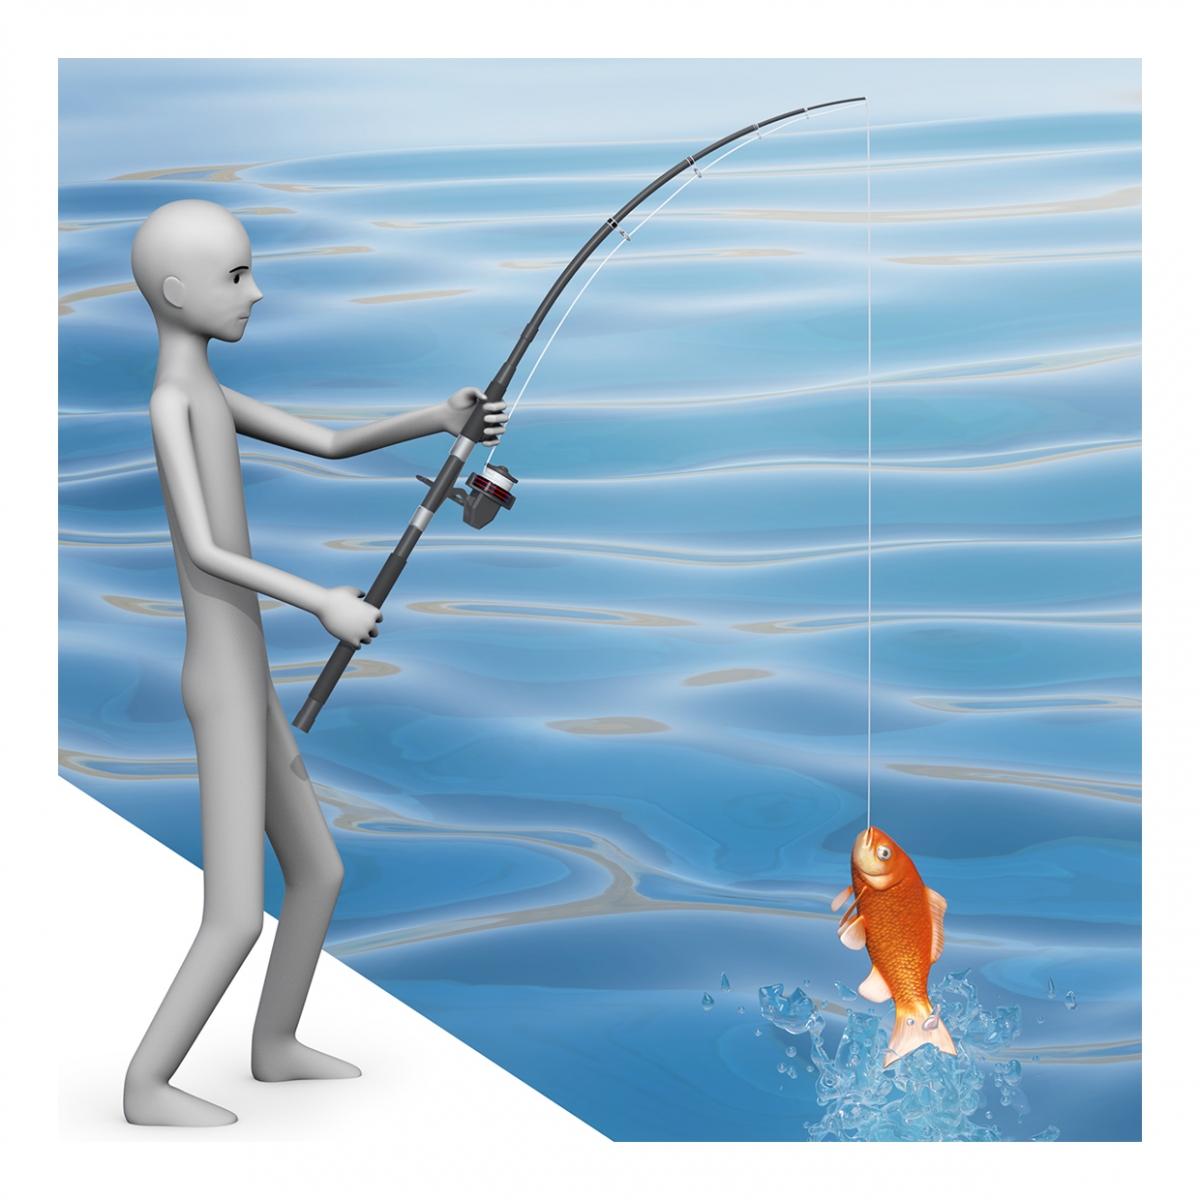 Persona pescando un pez con una caña